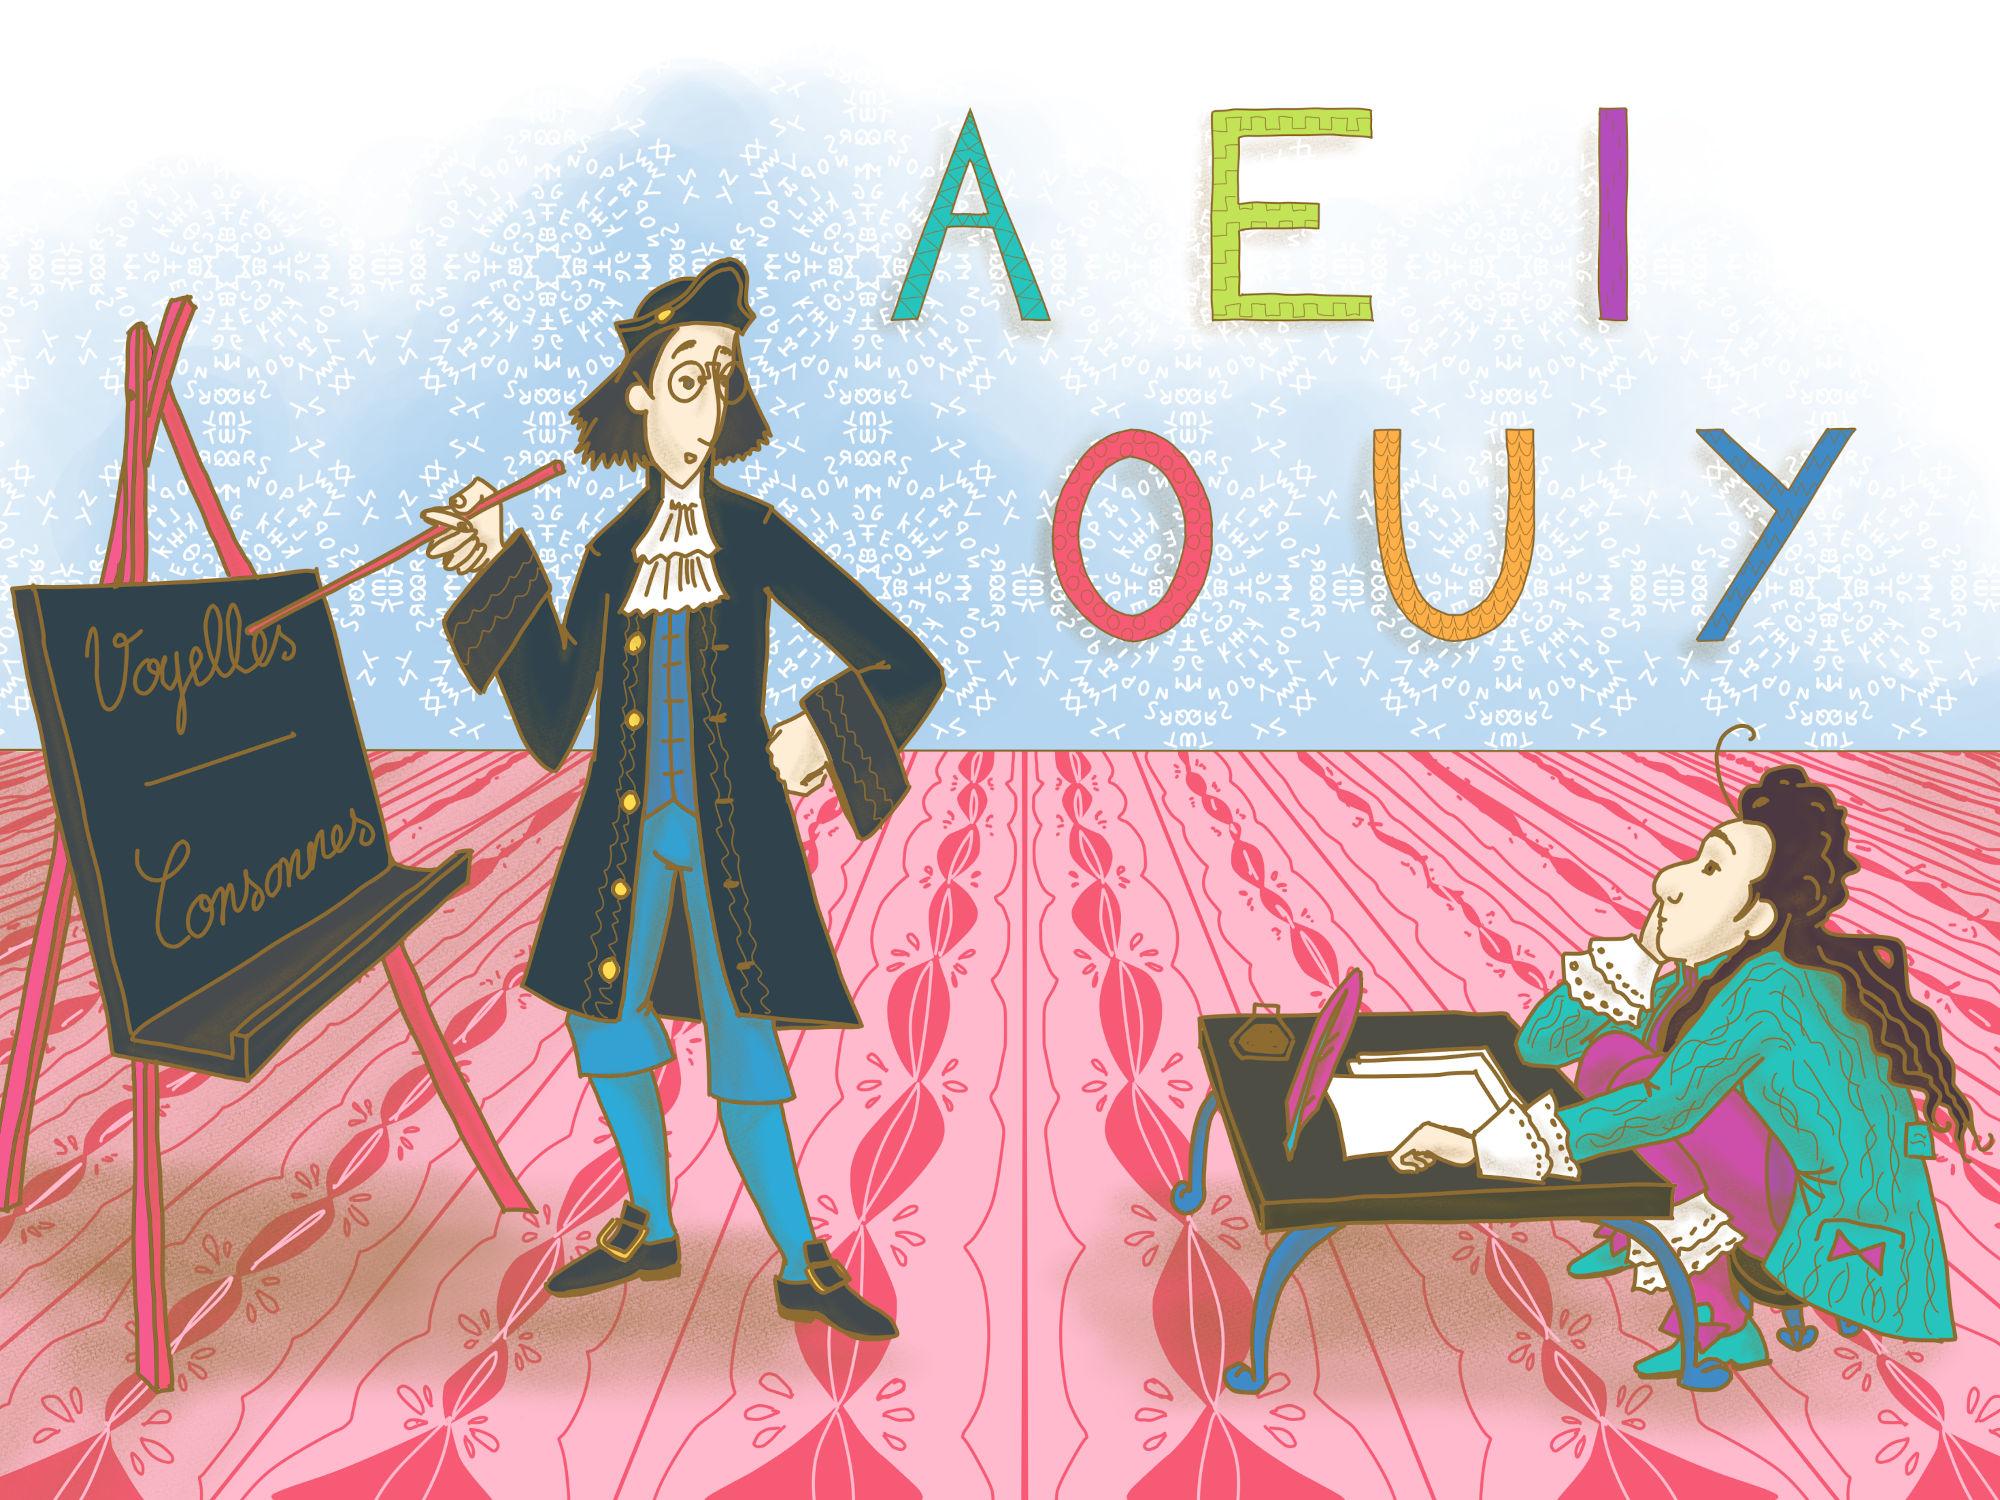 Belle marquise et Bourgeois Gentilhomme - Cours Troubadour - illustration